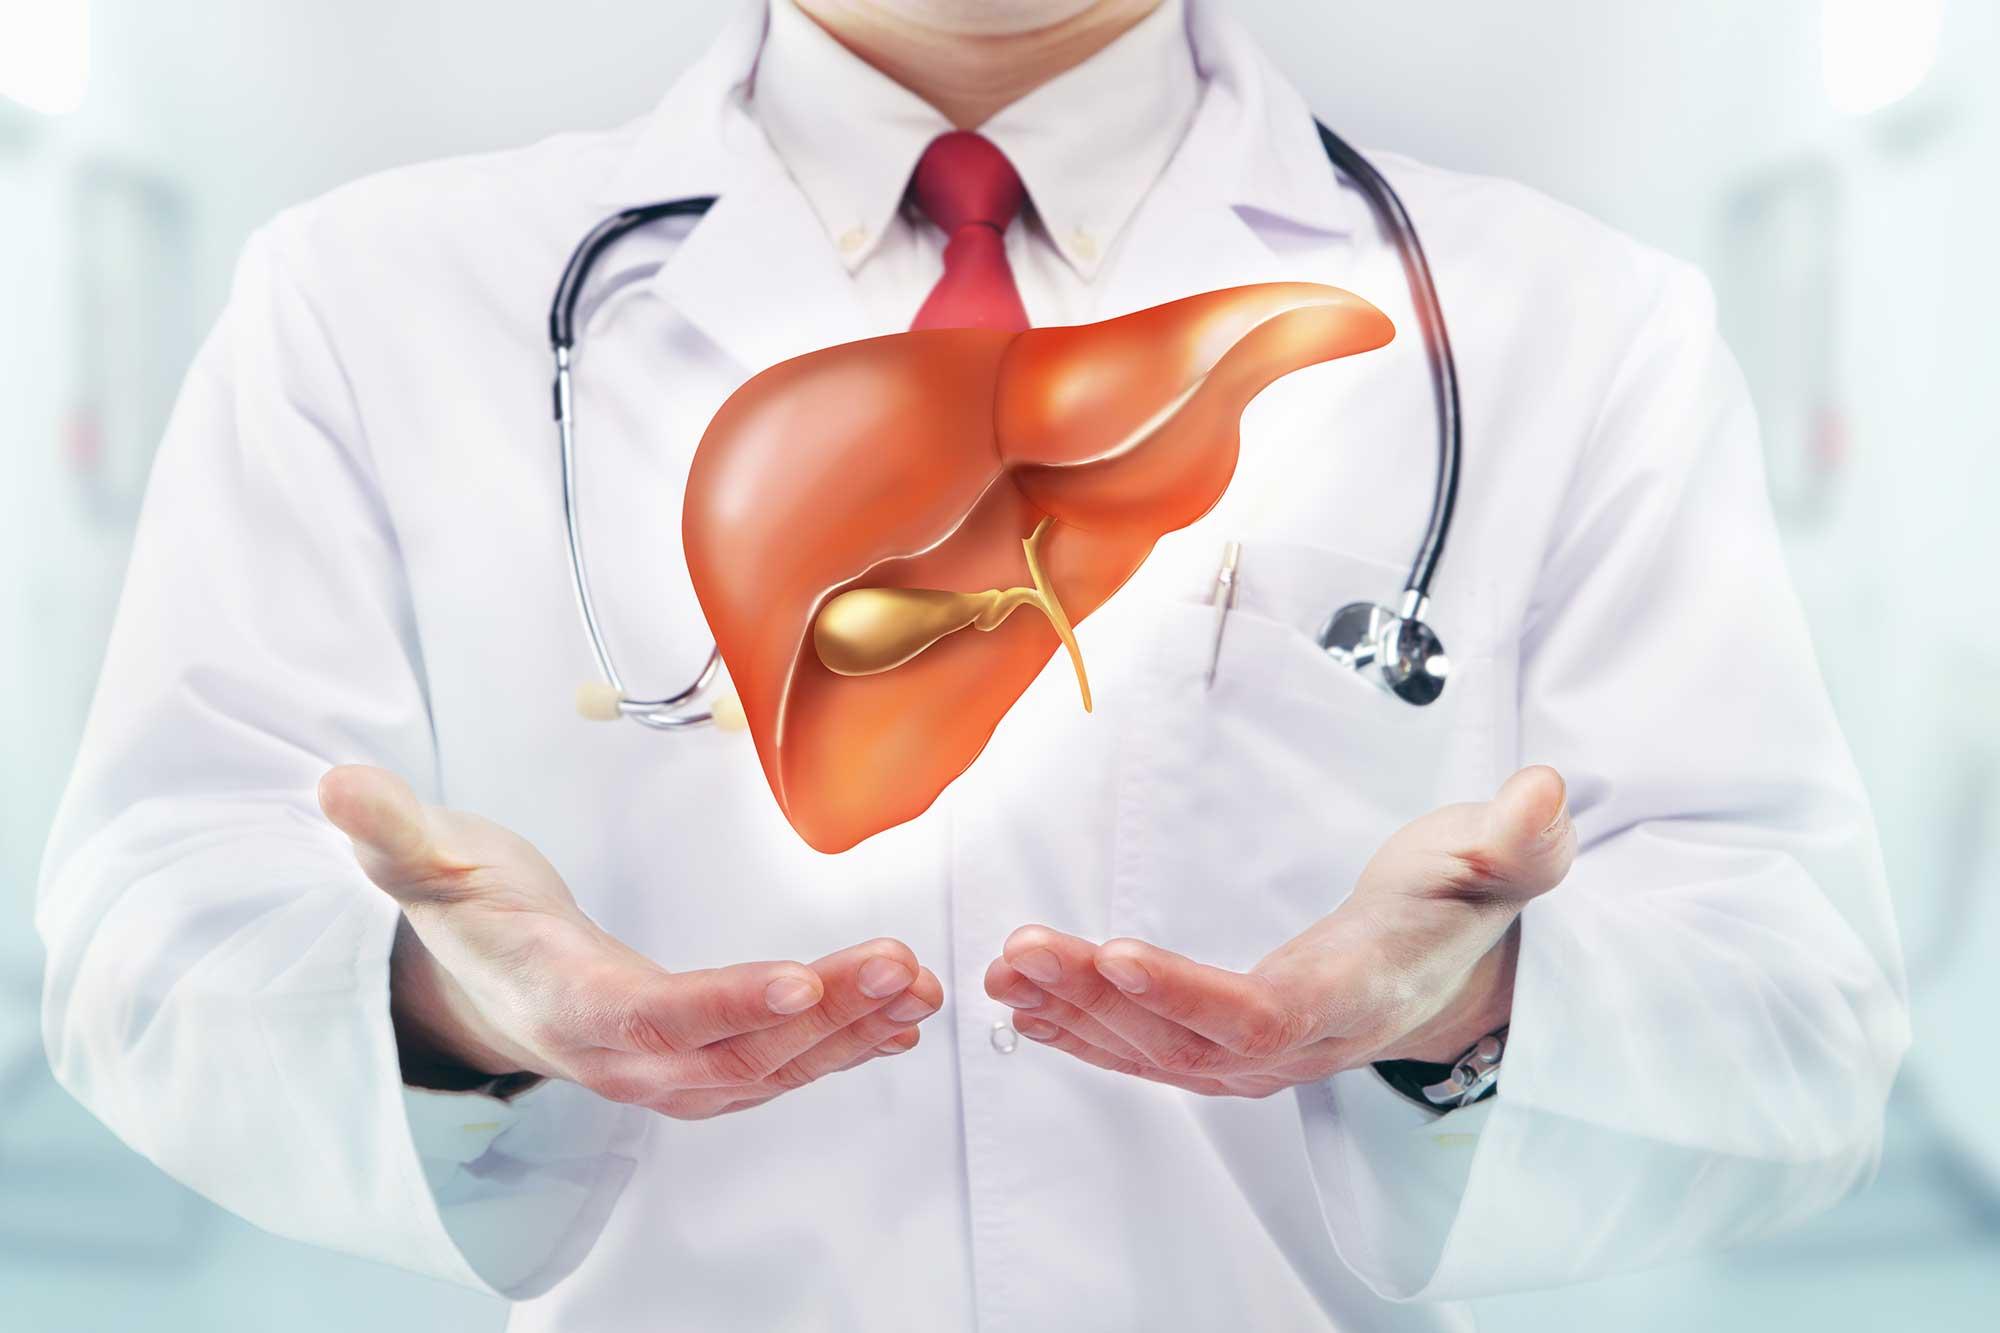 liver diagnostics and health